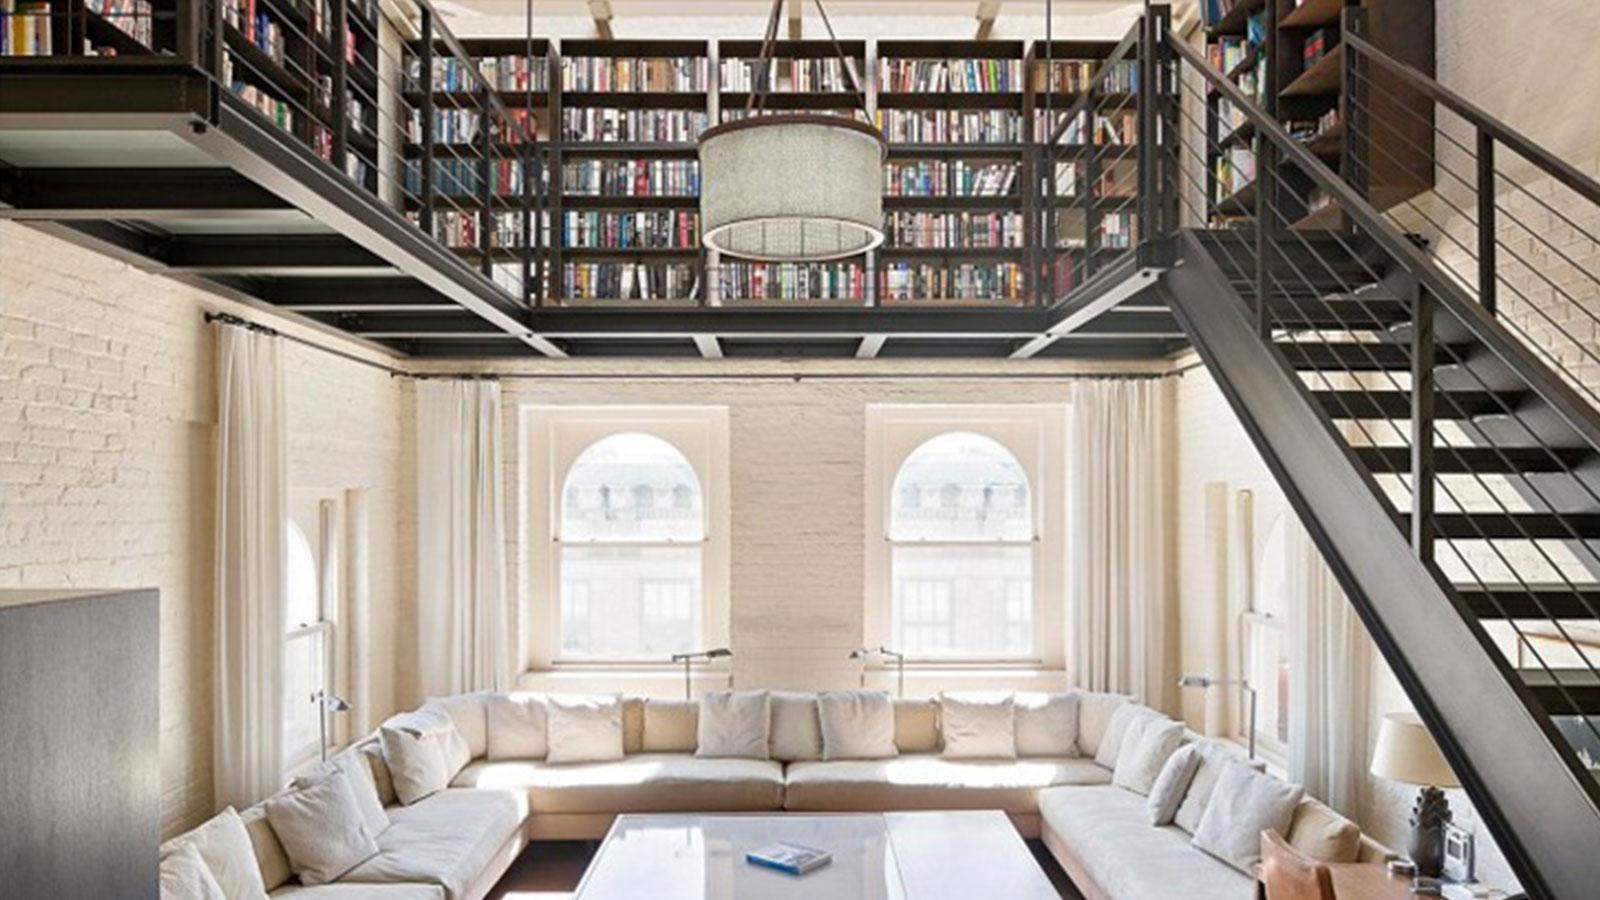 The Dietz Lantern Building, Luxury Condo, Manhattan, New York City